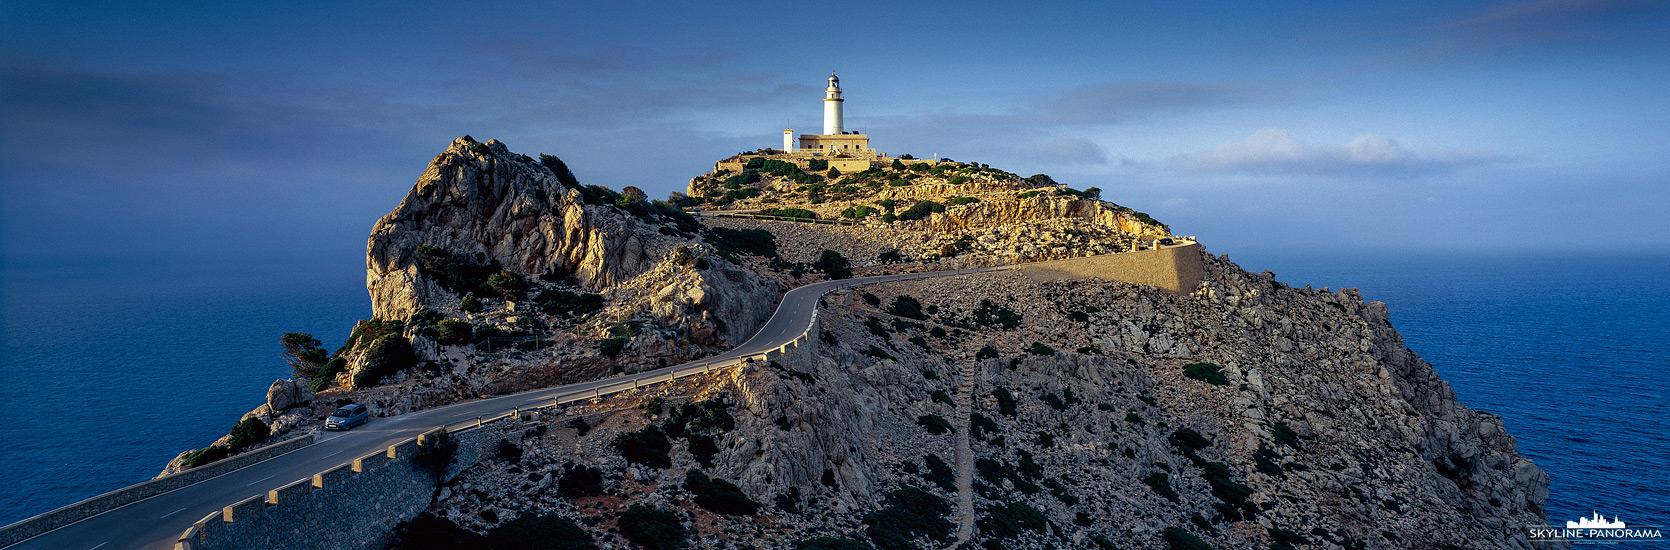 Leuchtturm am Cap de Formentor - Mallorca (p_01203)